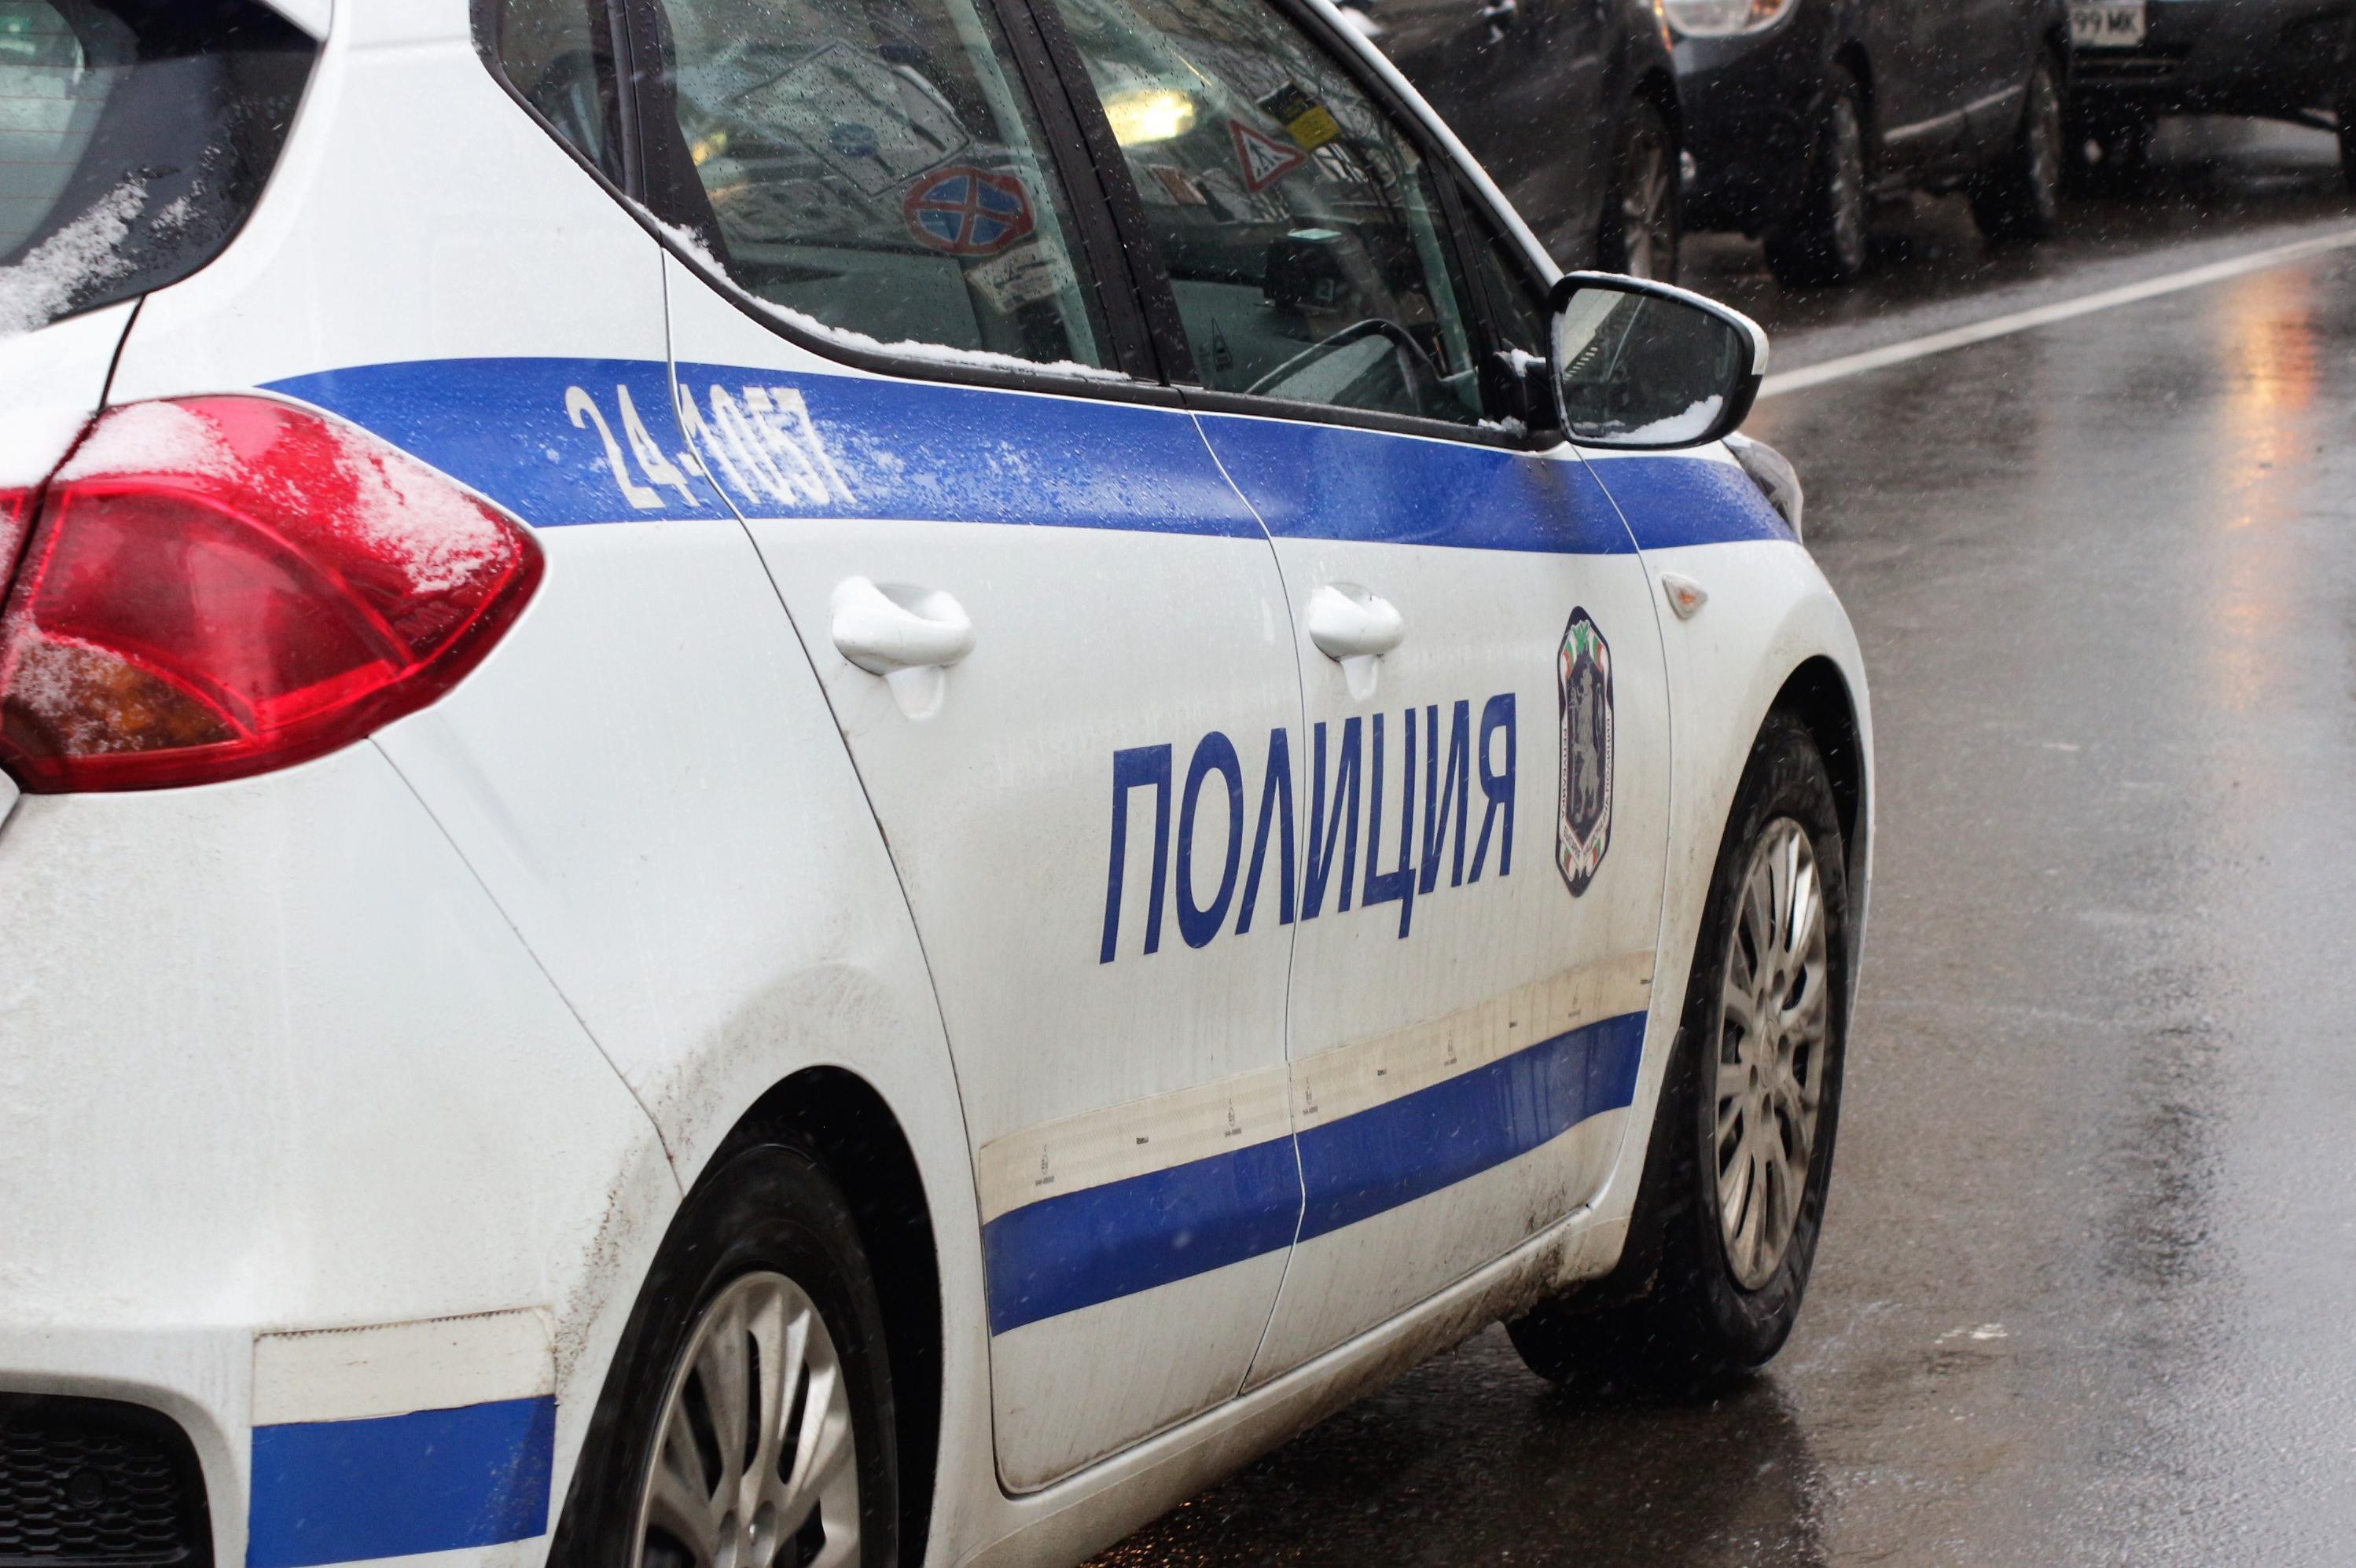 Скандал и сбиване между двама шофьори в Сливница, роднини се включват в раз